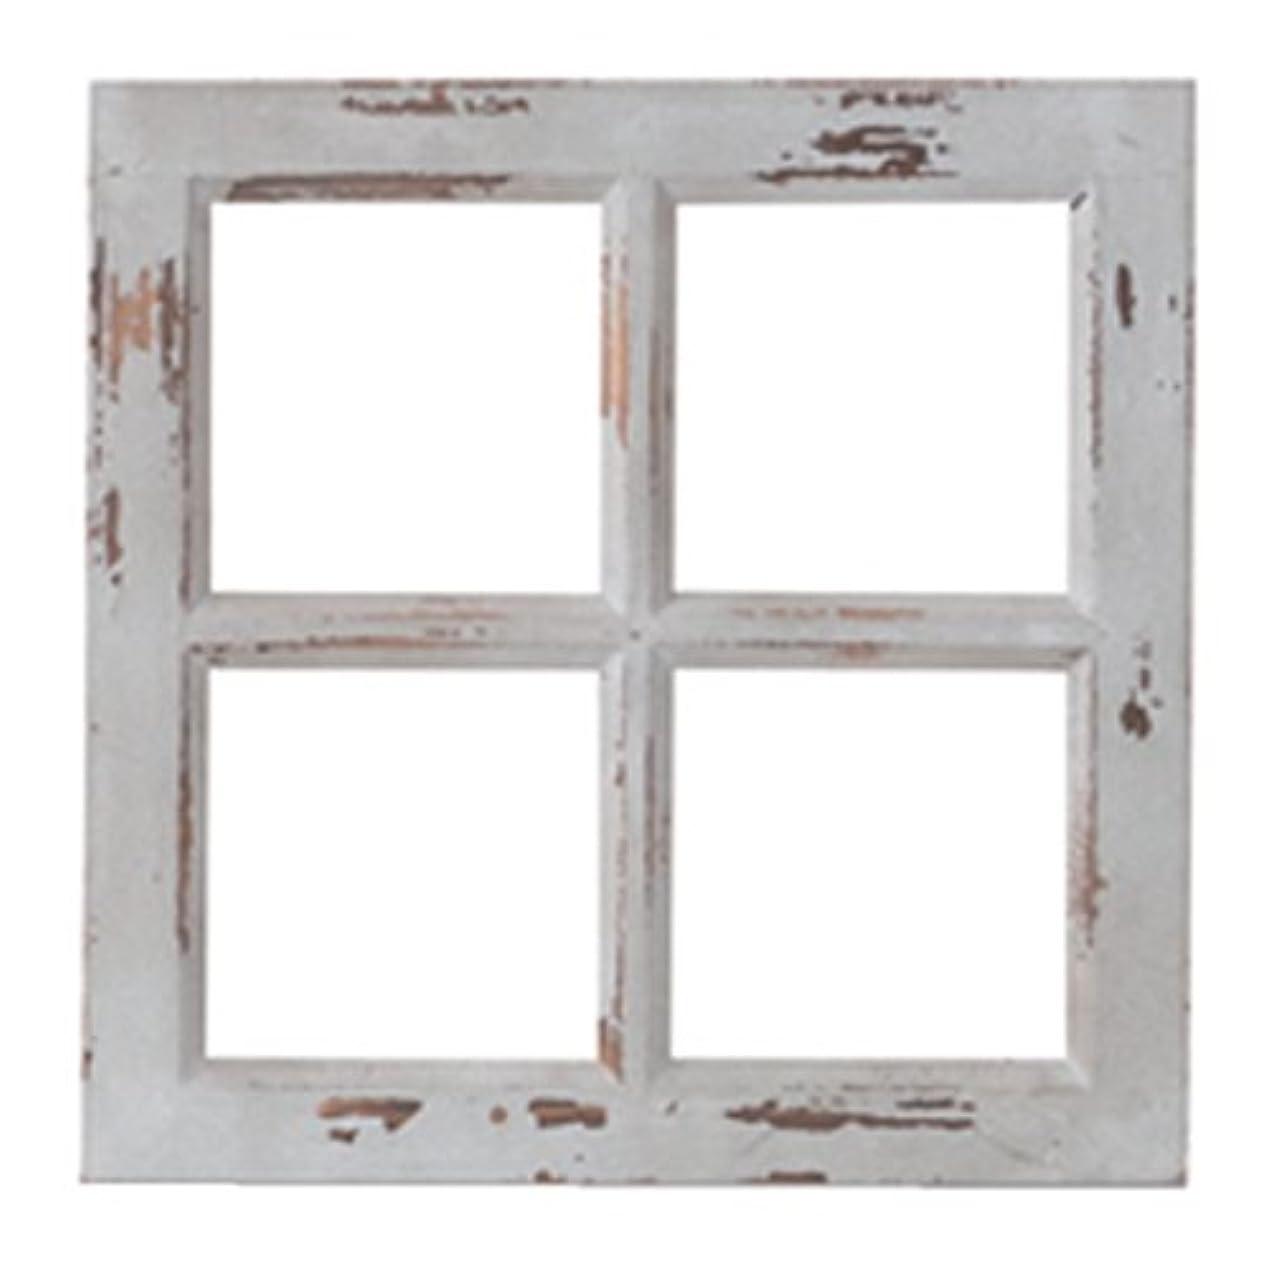 代表団付与広範囲にPL ウォールディスプレイ アンティーク調 窓枠 Petit Monde ウィンドウフレーム 40772